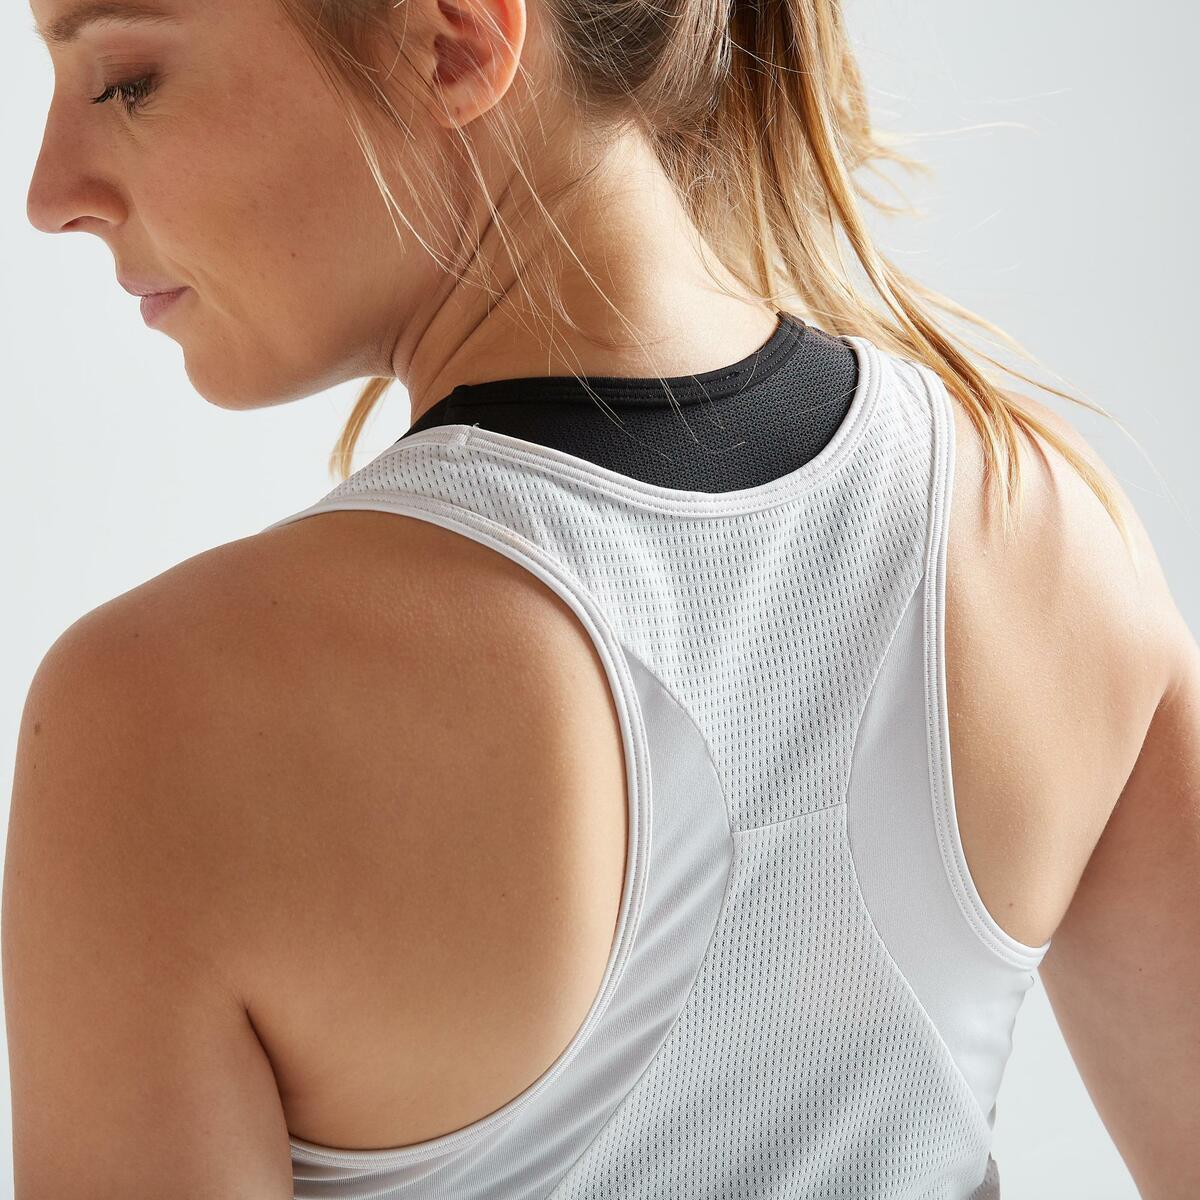 Bild 3 von Top FTA 120 Fitness Cardio Damen weiβ